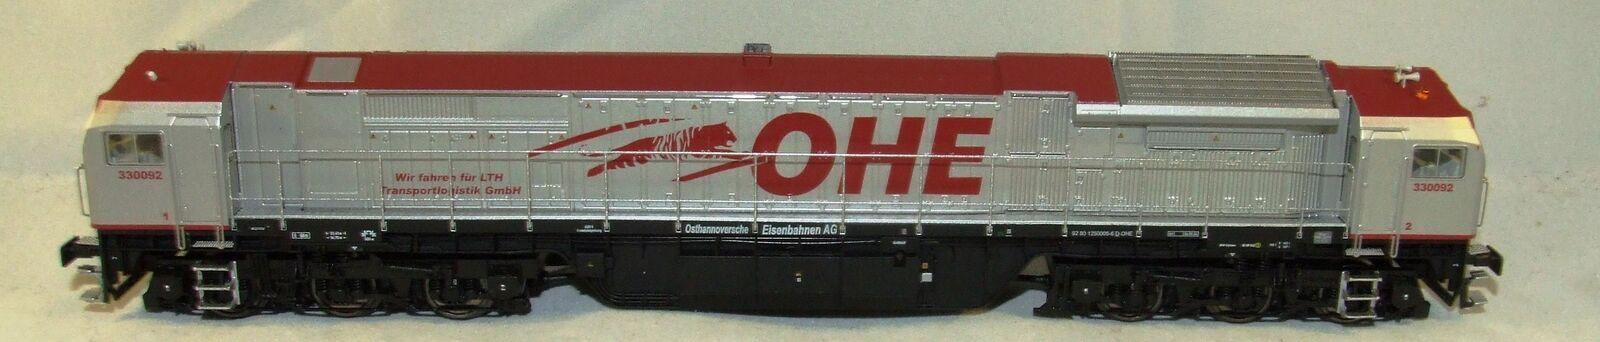 Mehano Ho 93461 Locomotora Diésel rojo Tigre de Ohé Digital de 3 Conductores